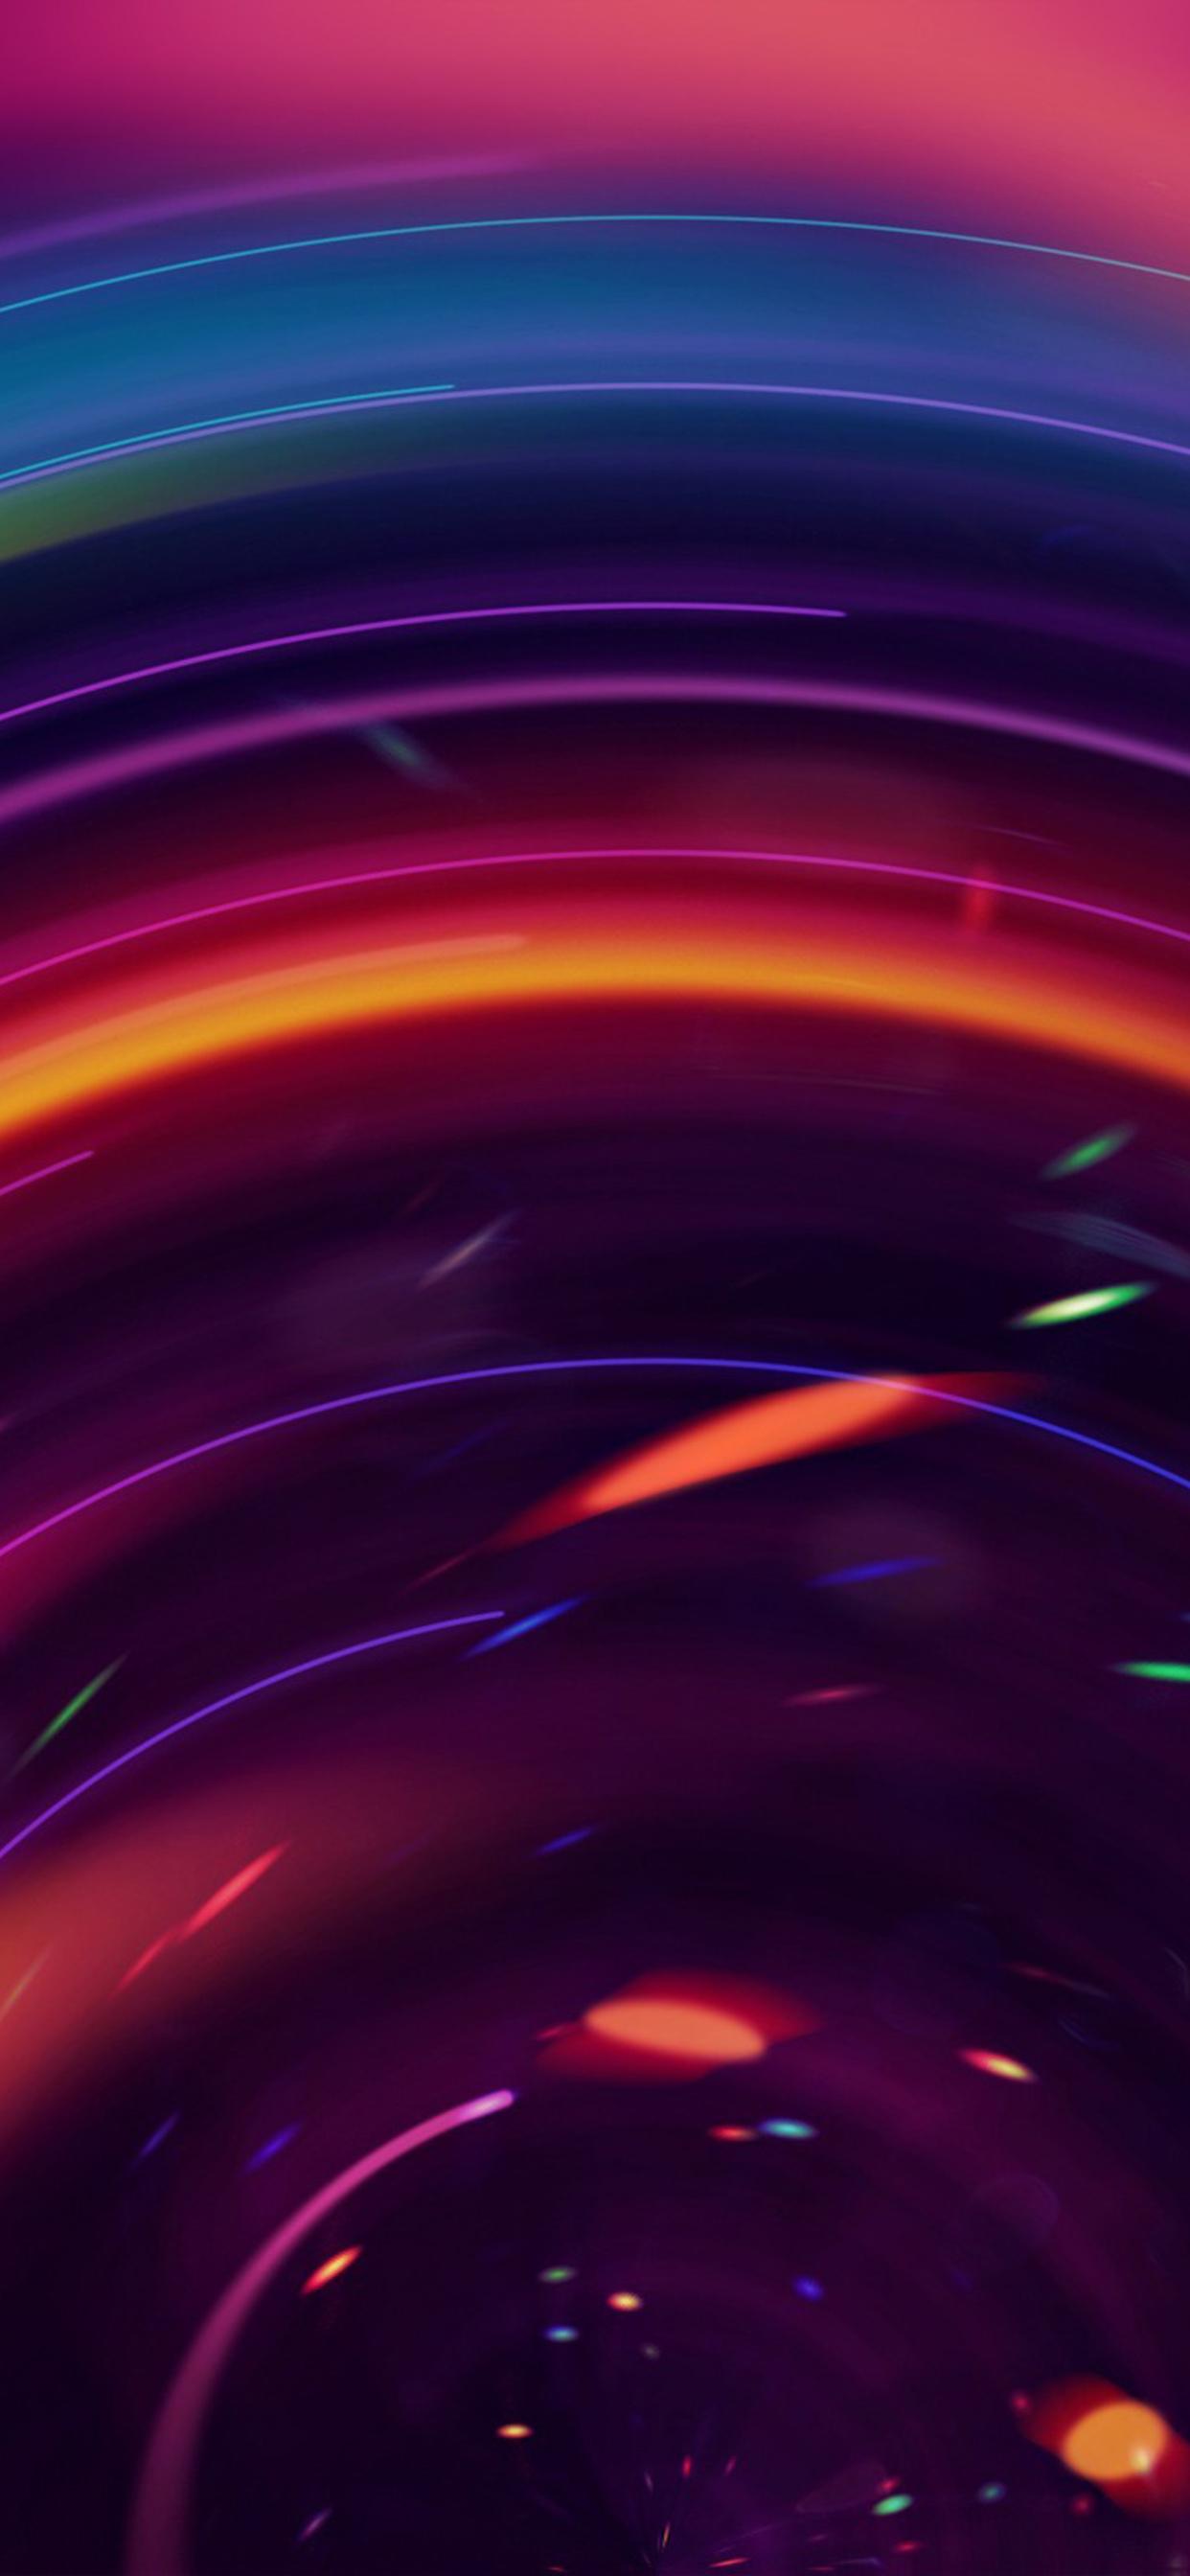 circle-digital-art-abstract-zn.jpg